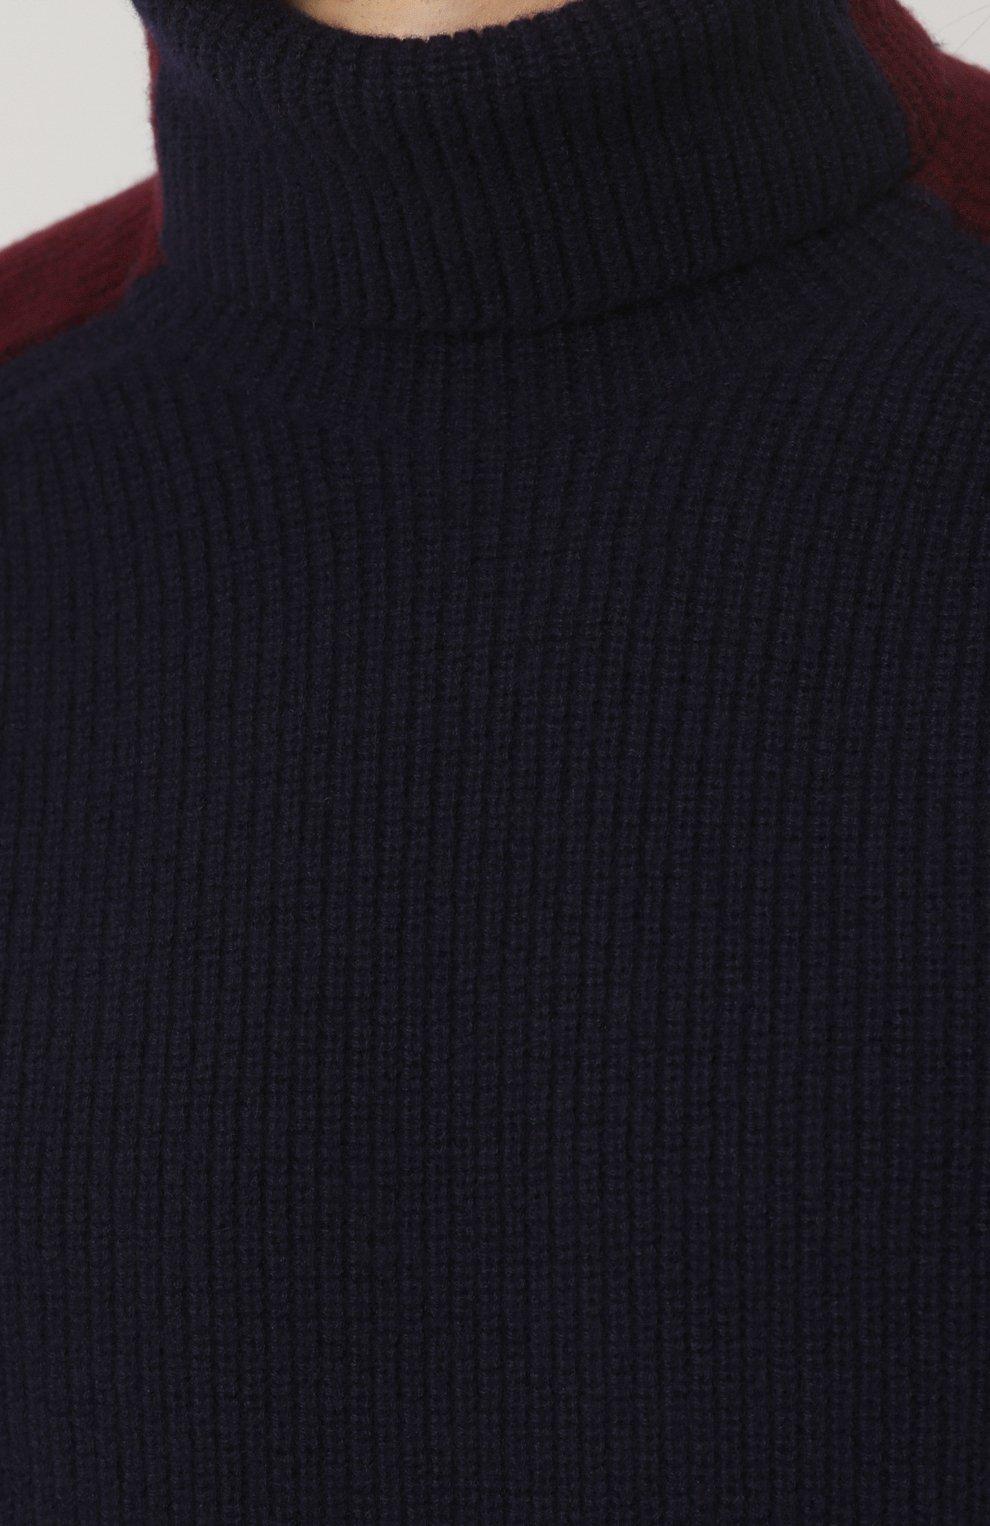 Шерстяной свитер фактурной вязки с воротником-стойкой   Фото №5